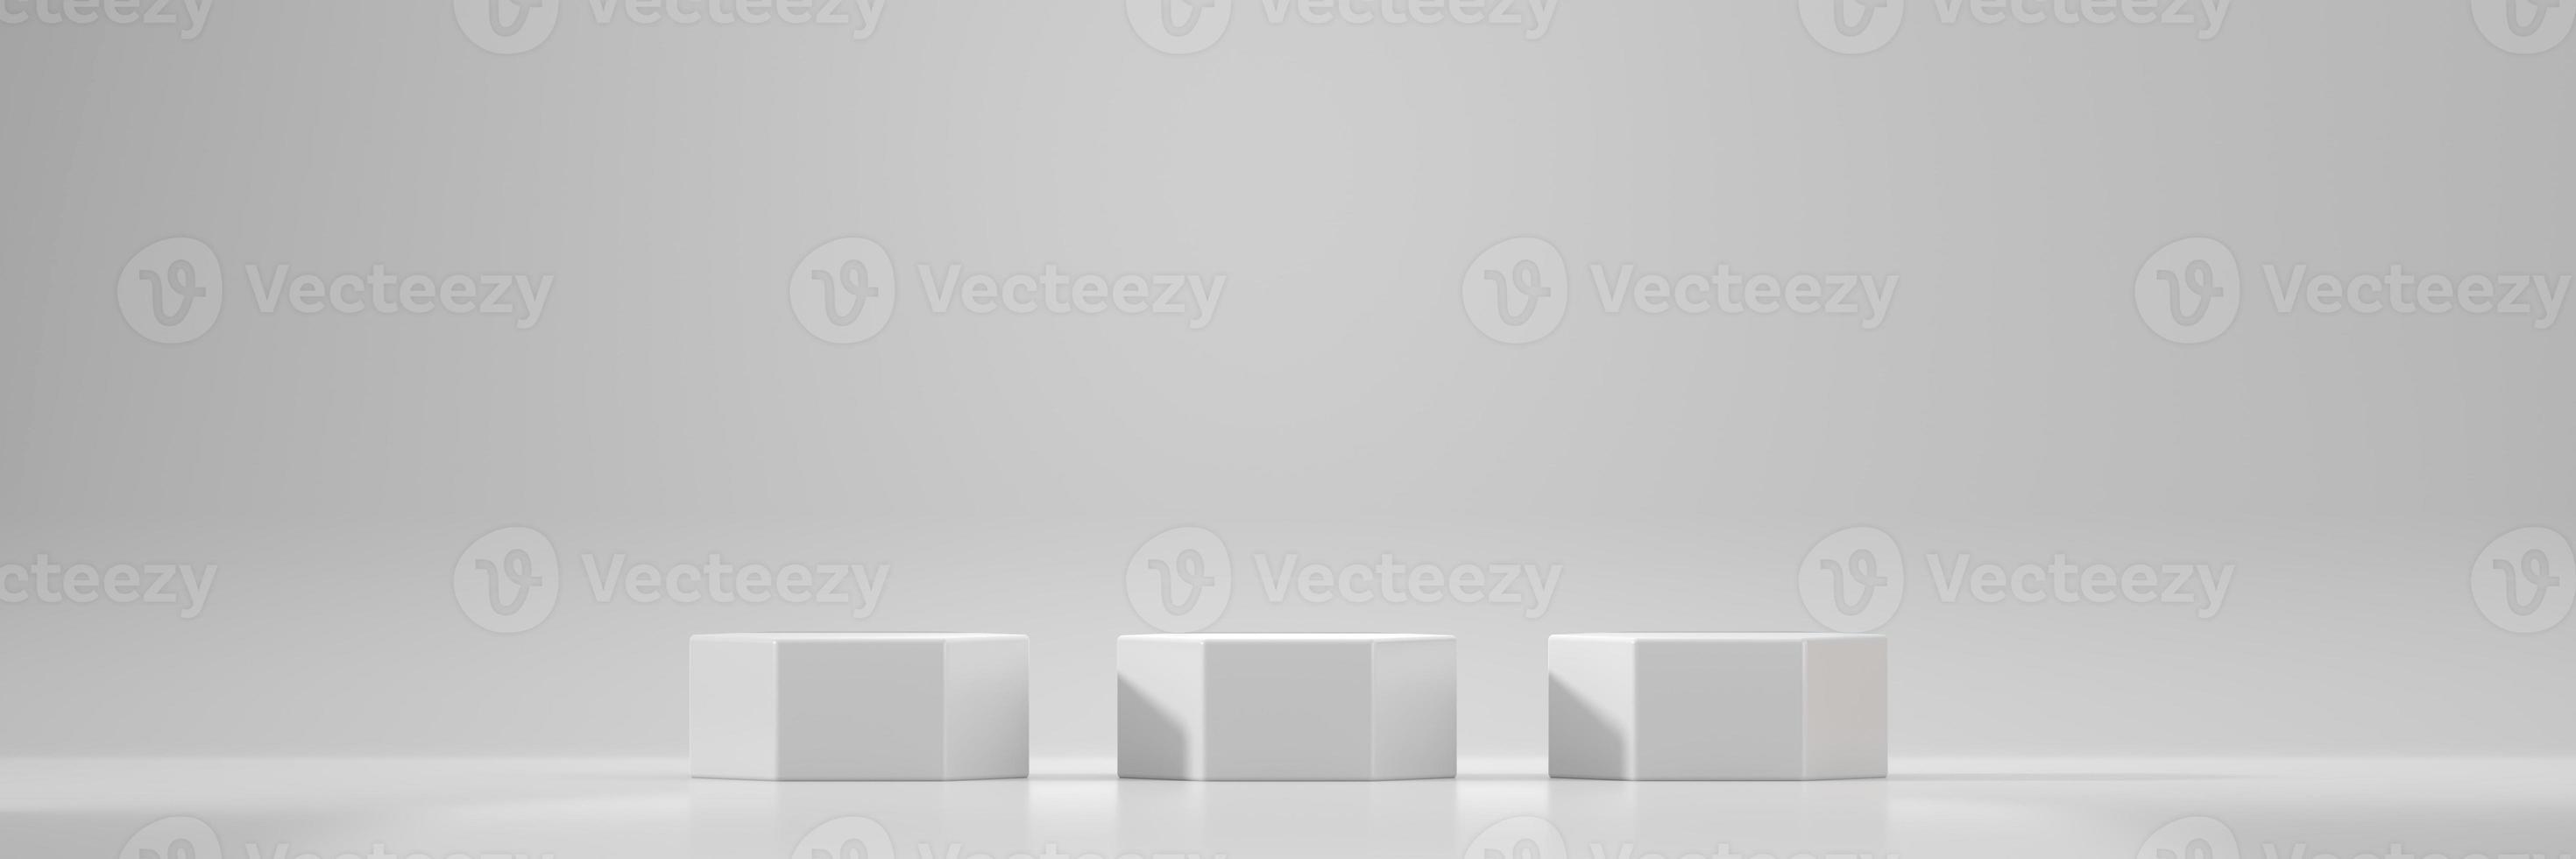 maquete de plataforma de pódio de palco hexágono branco foto